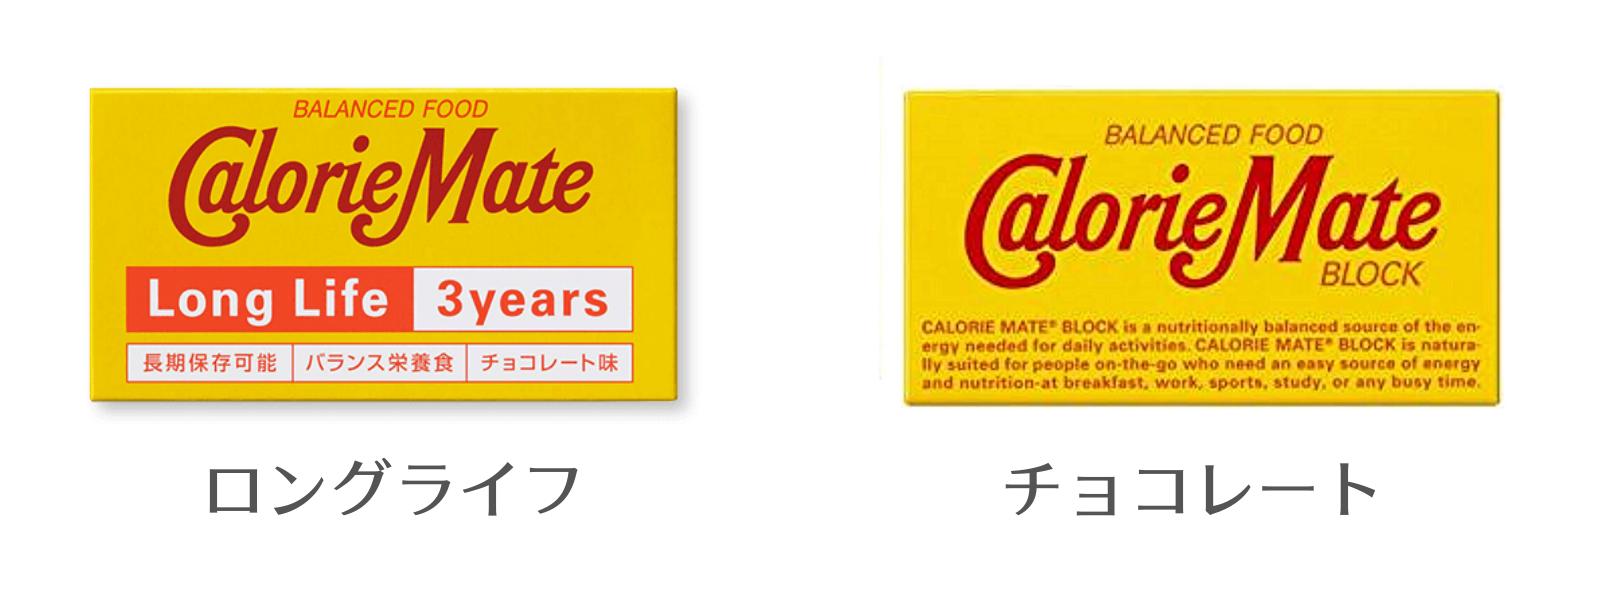 非常食・保存食のロングライフとチョコレートを比較